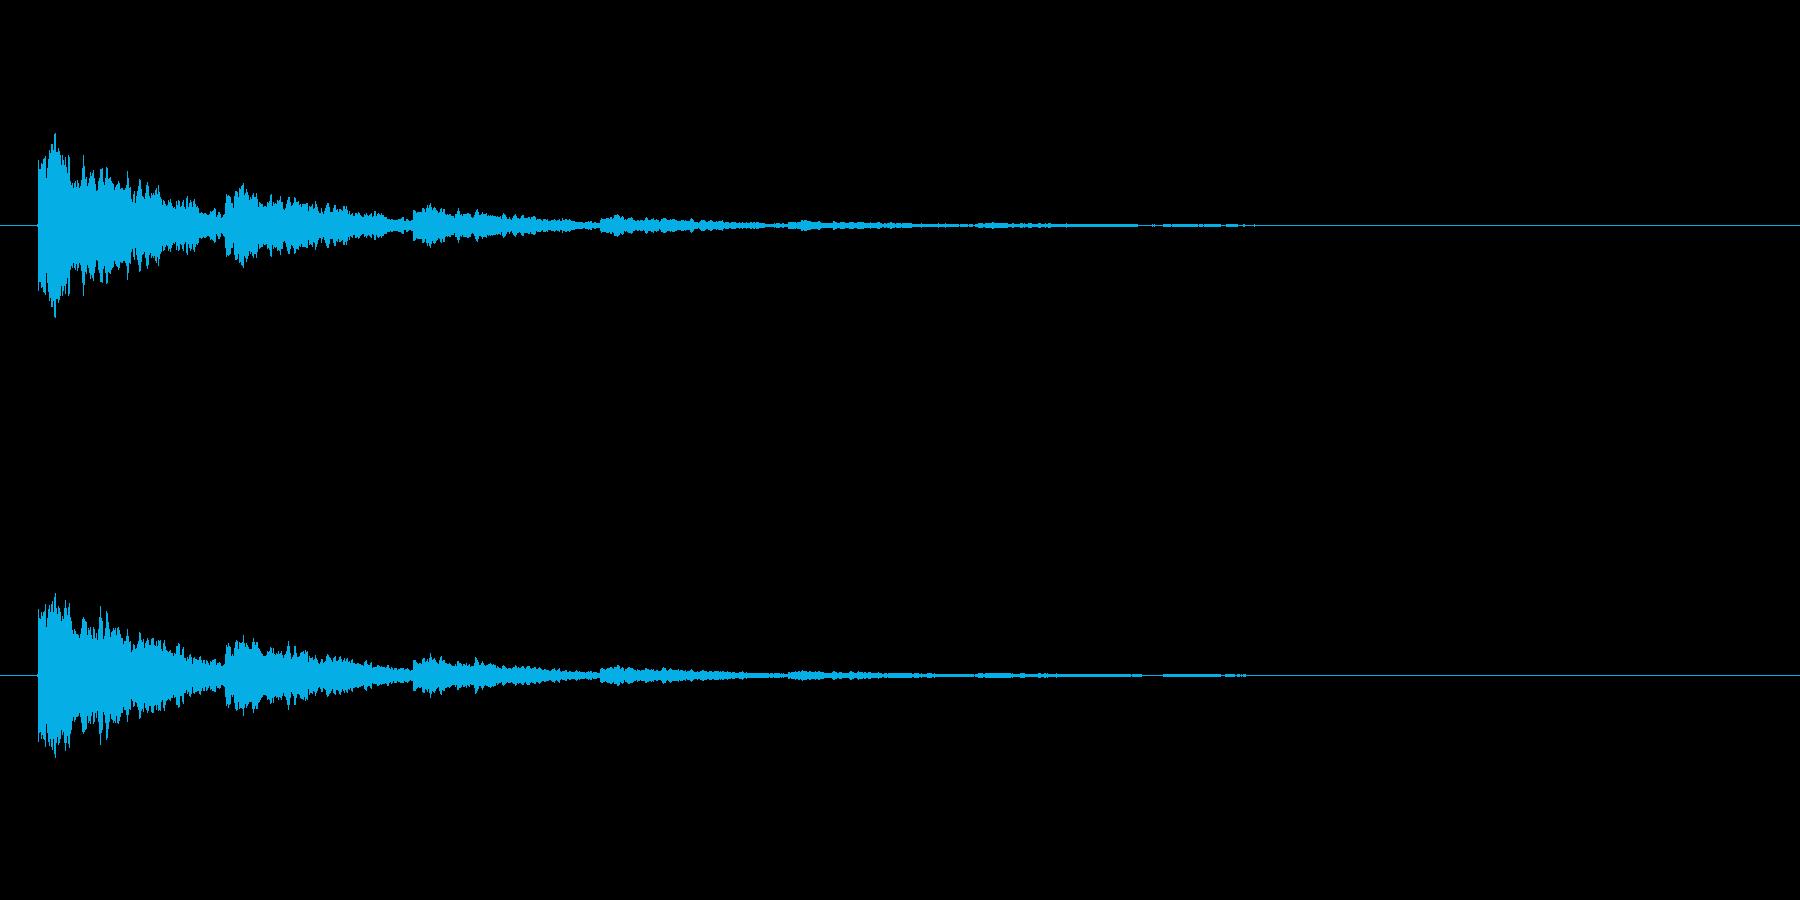 【ひらめき09-7】の再生済みの波形